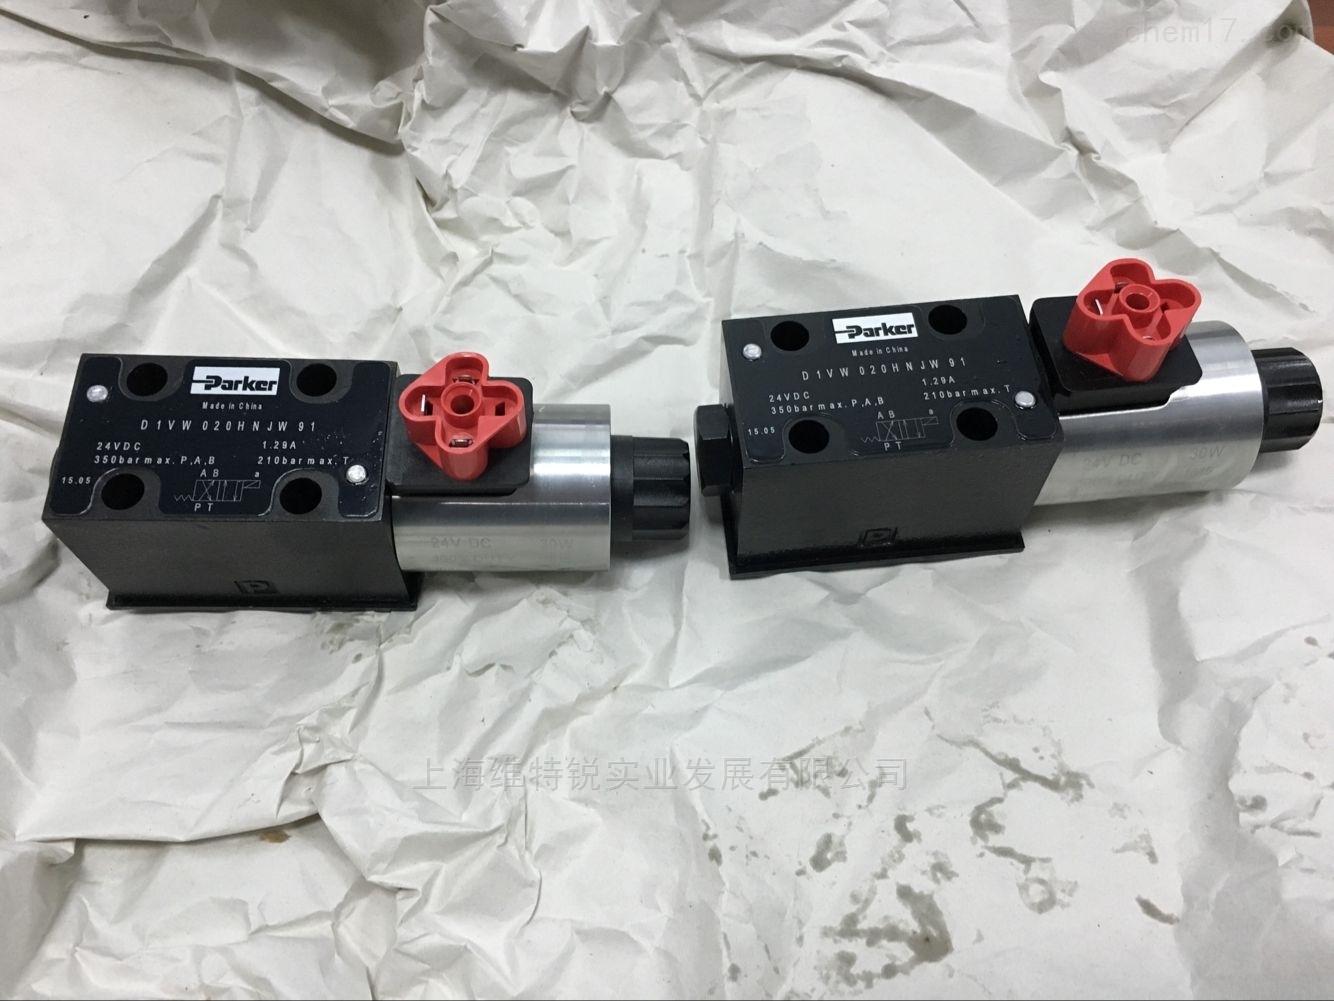 美国派克D1FCE01CC0NMW0电磁阀现货